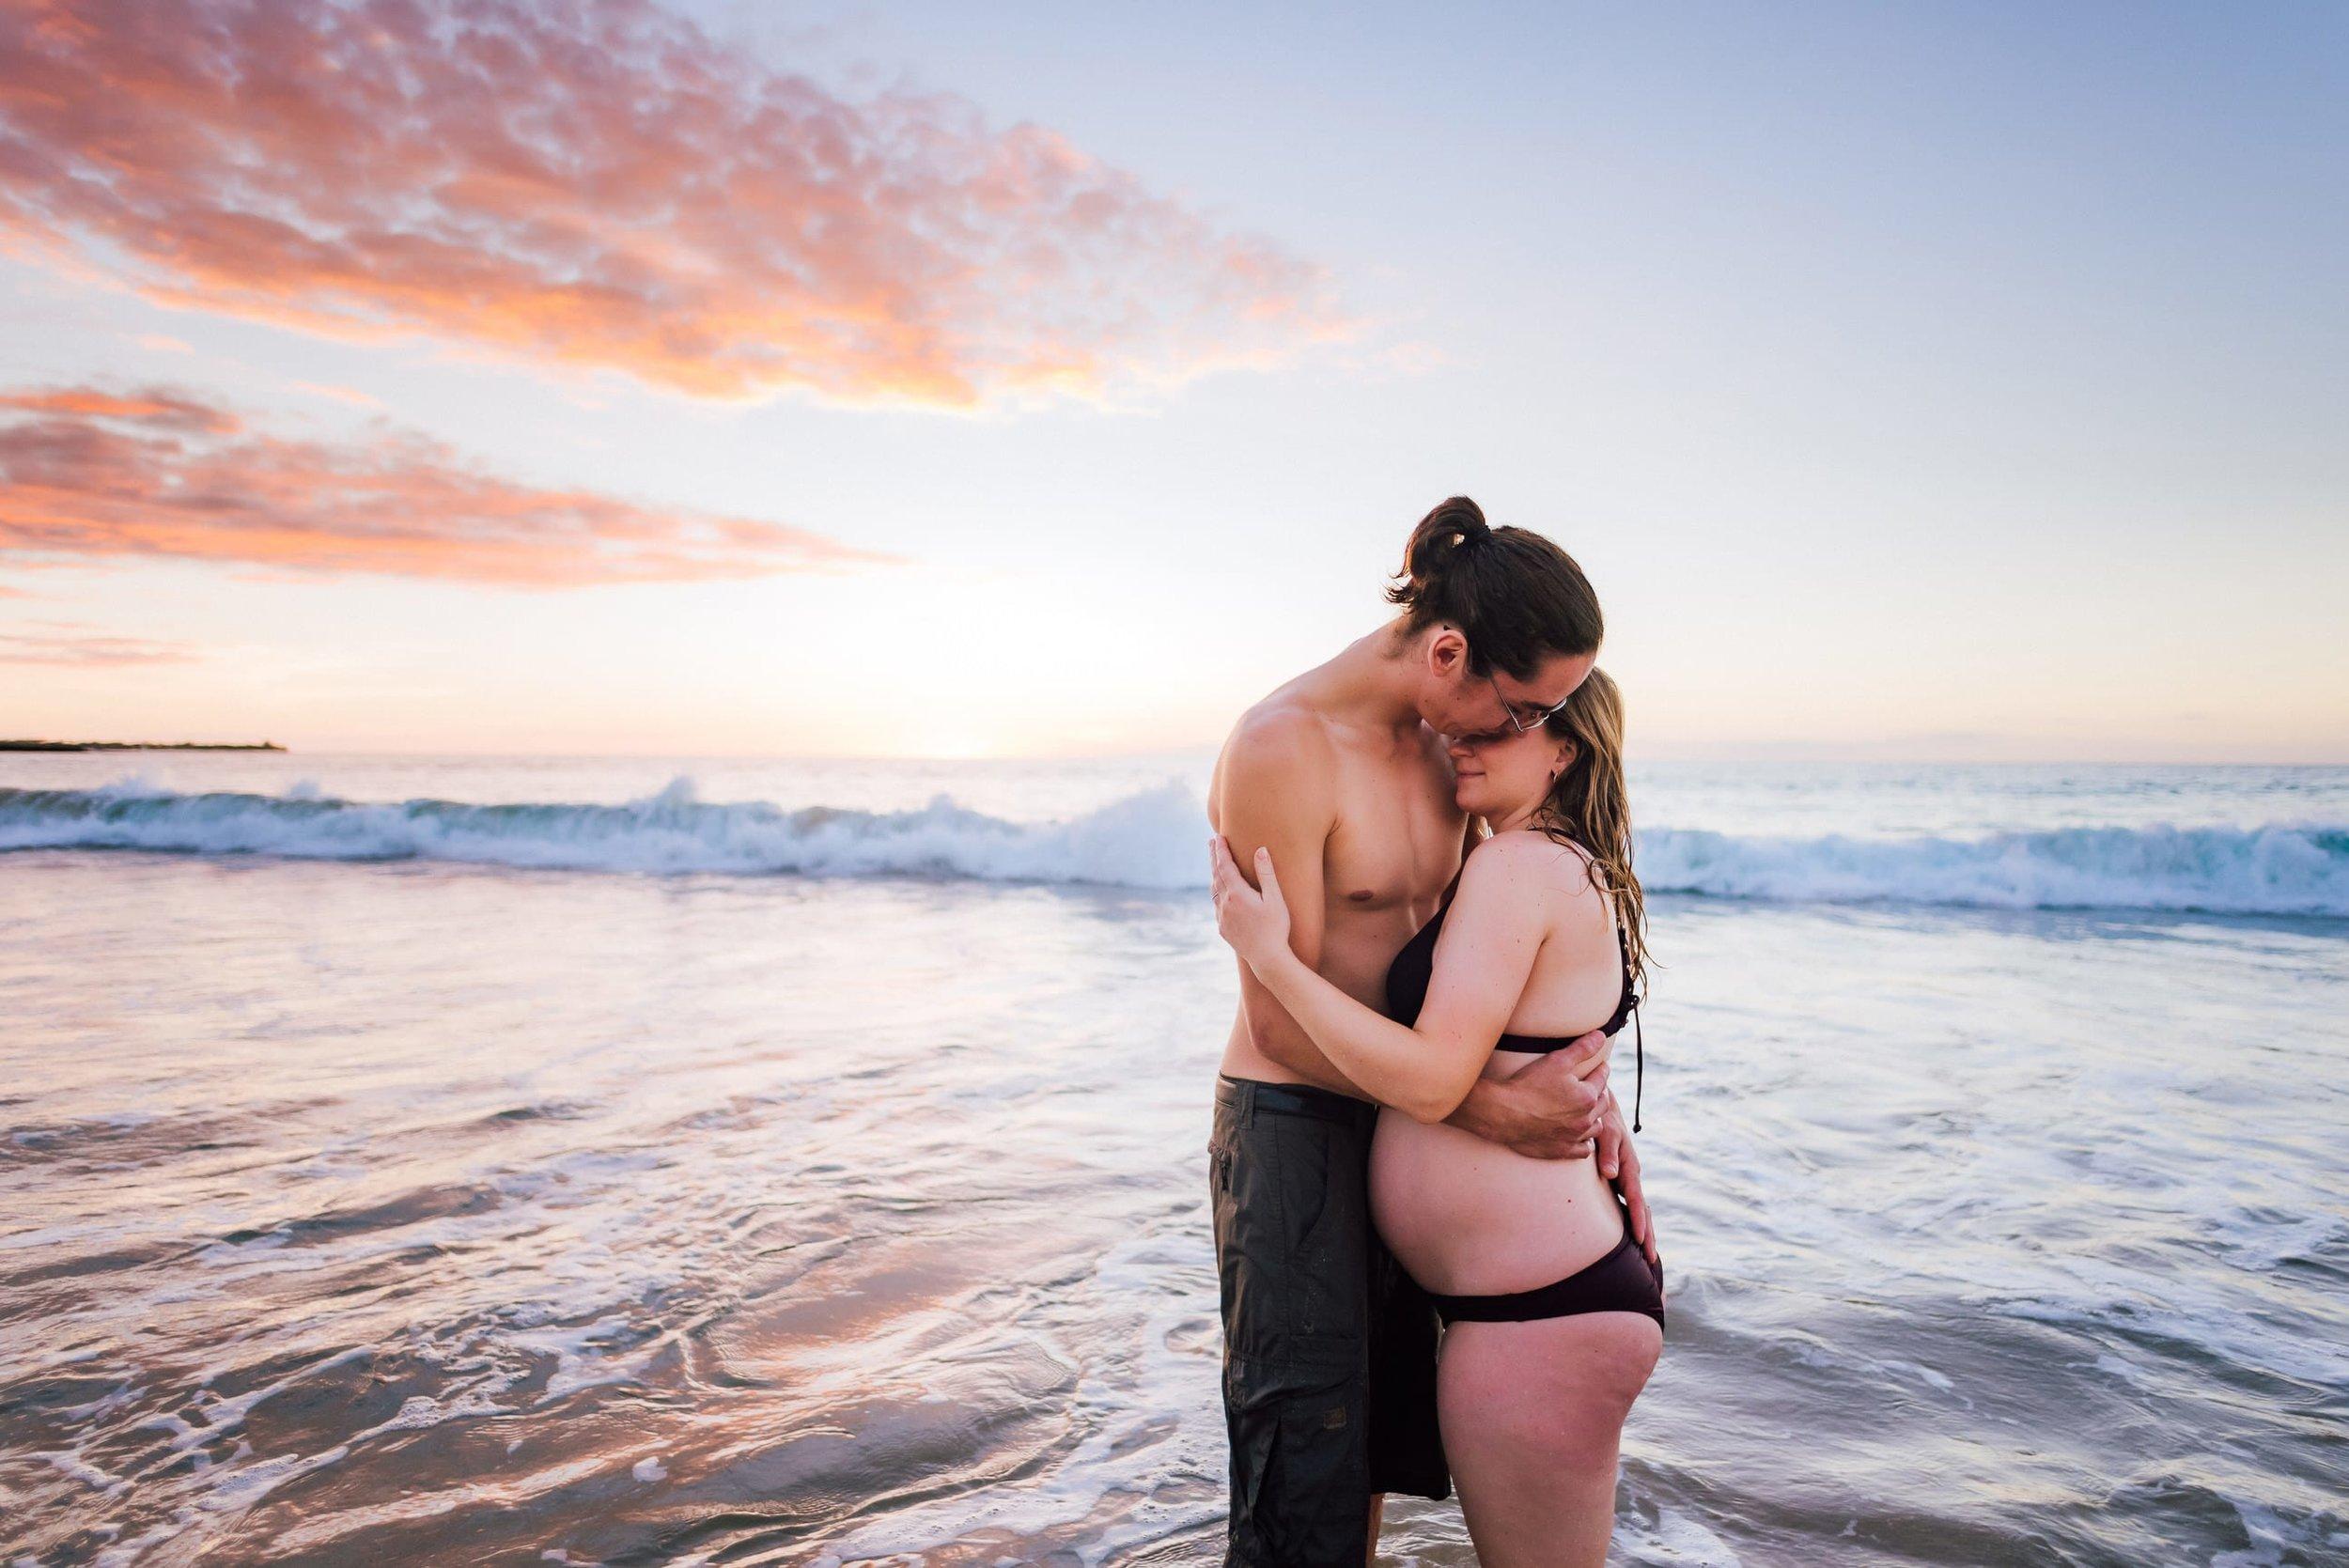 Big-Island-Photographer-Maternity-Babymoon-Hawaii-12.jpg